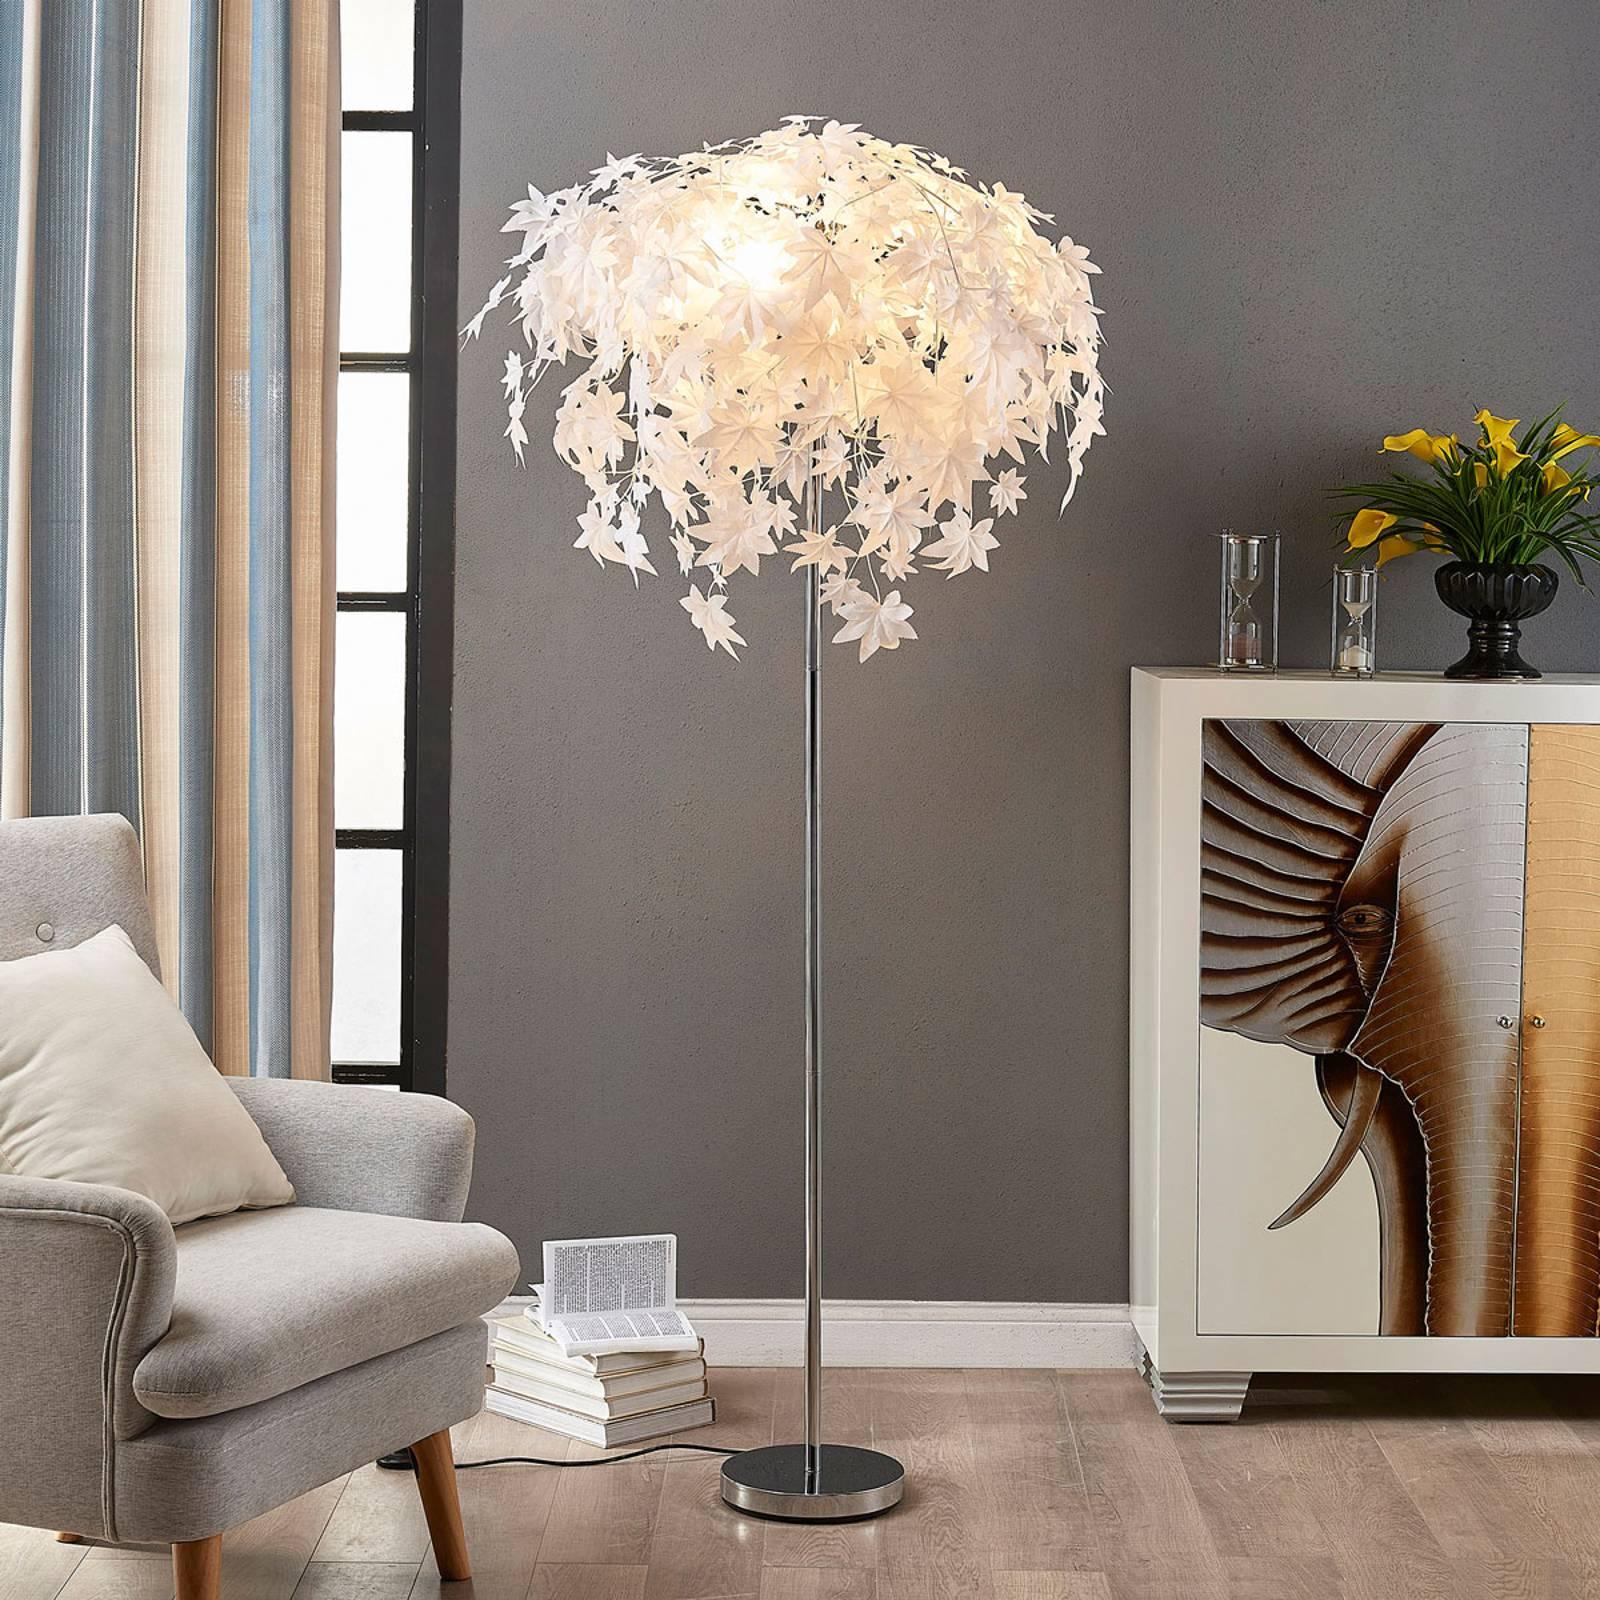 Lampa stojąca Maple z dekoracją w listki